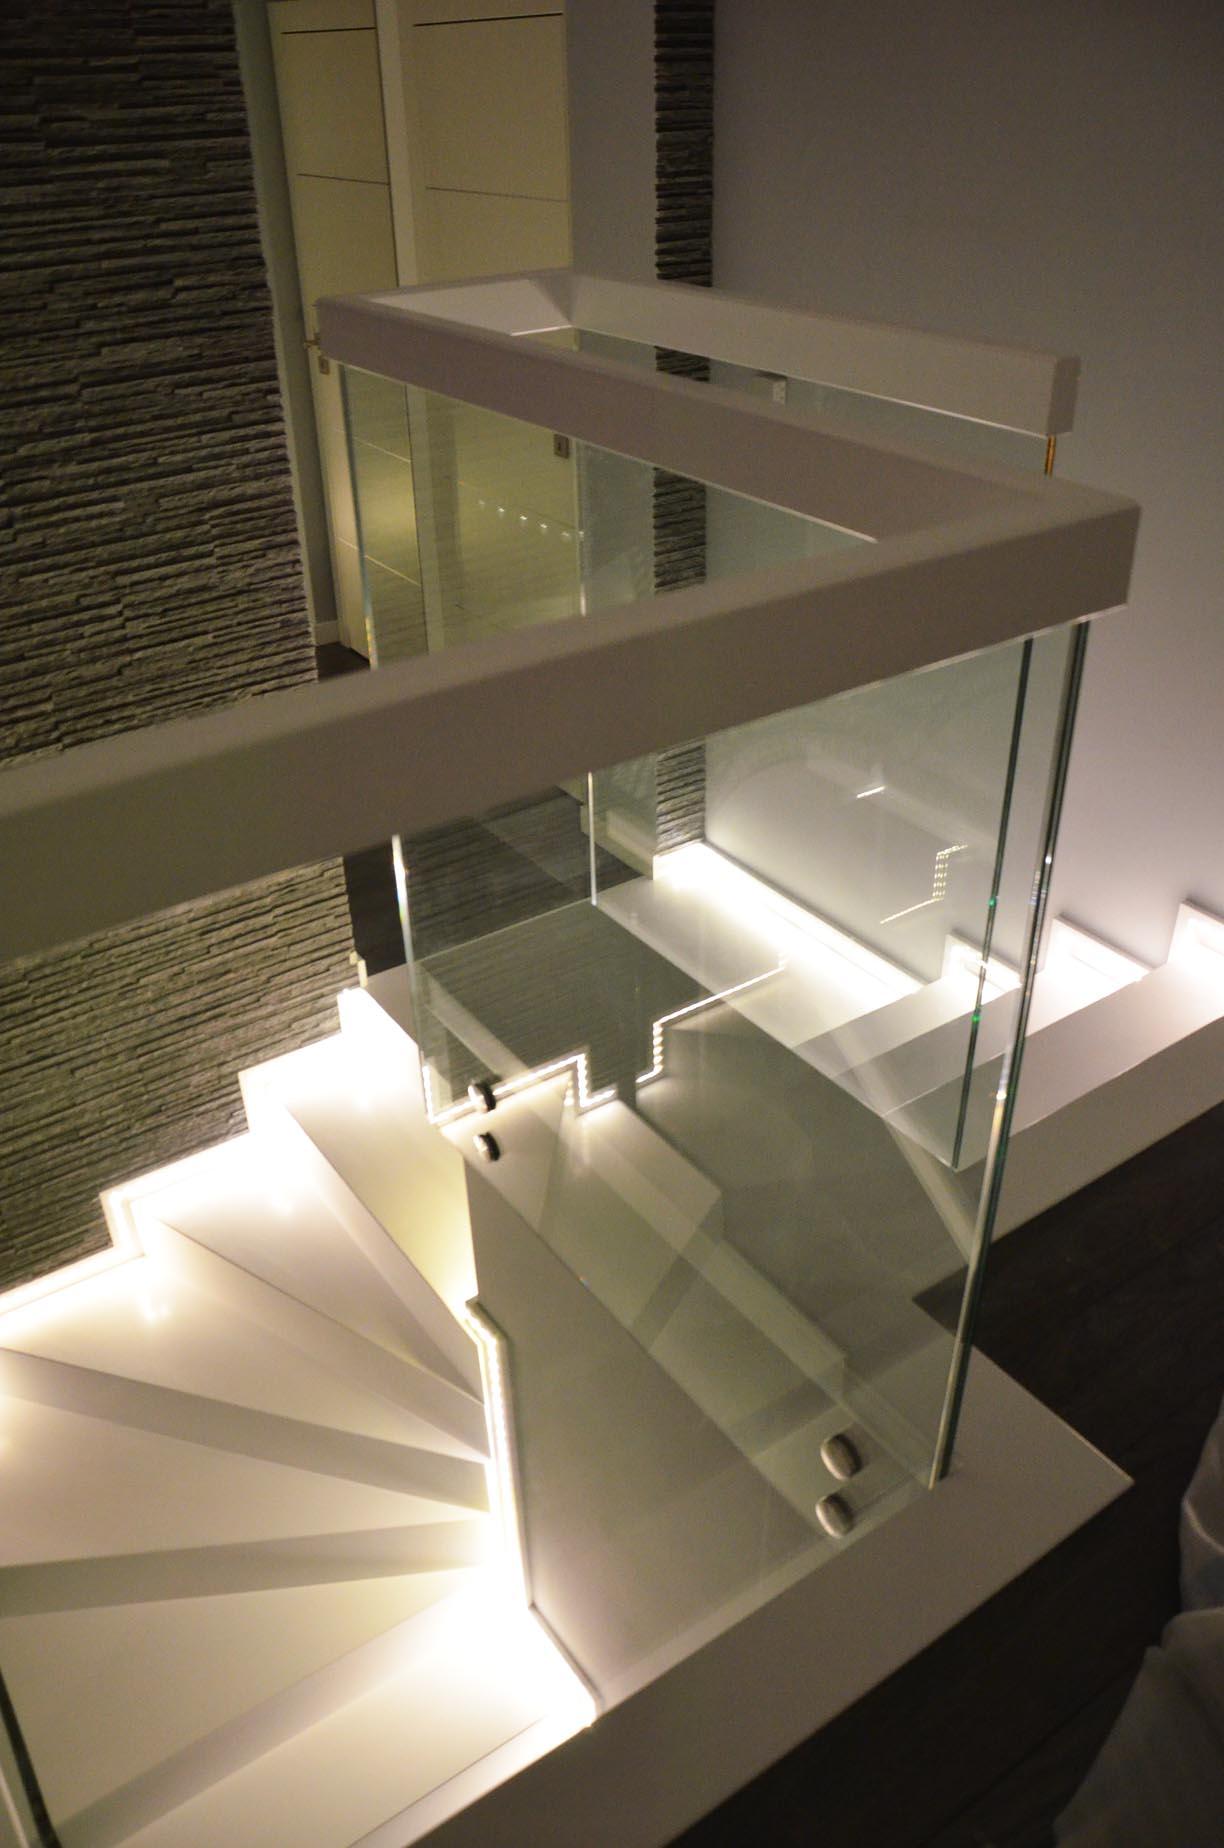 dz-dywanowe-na-beton-biale-5